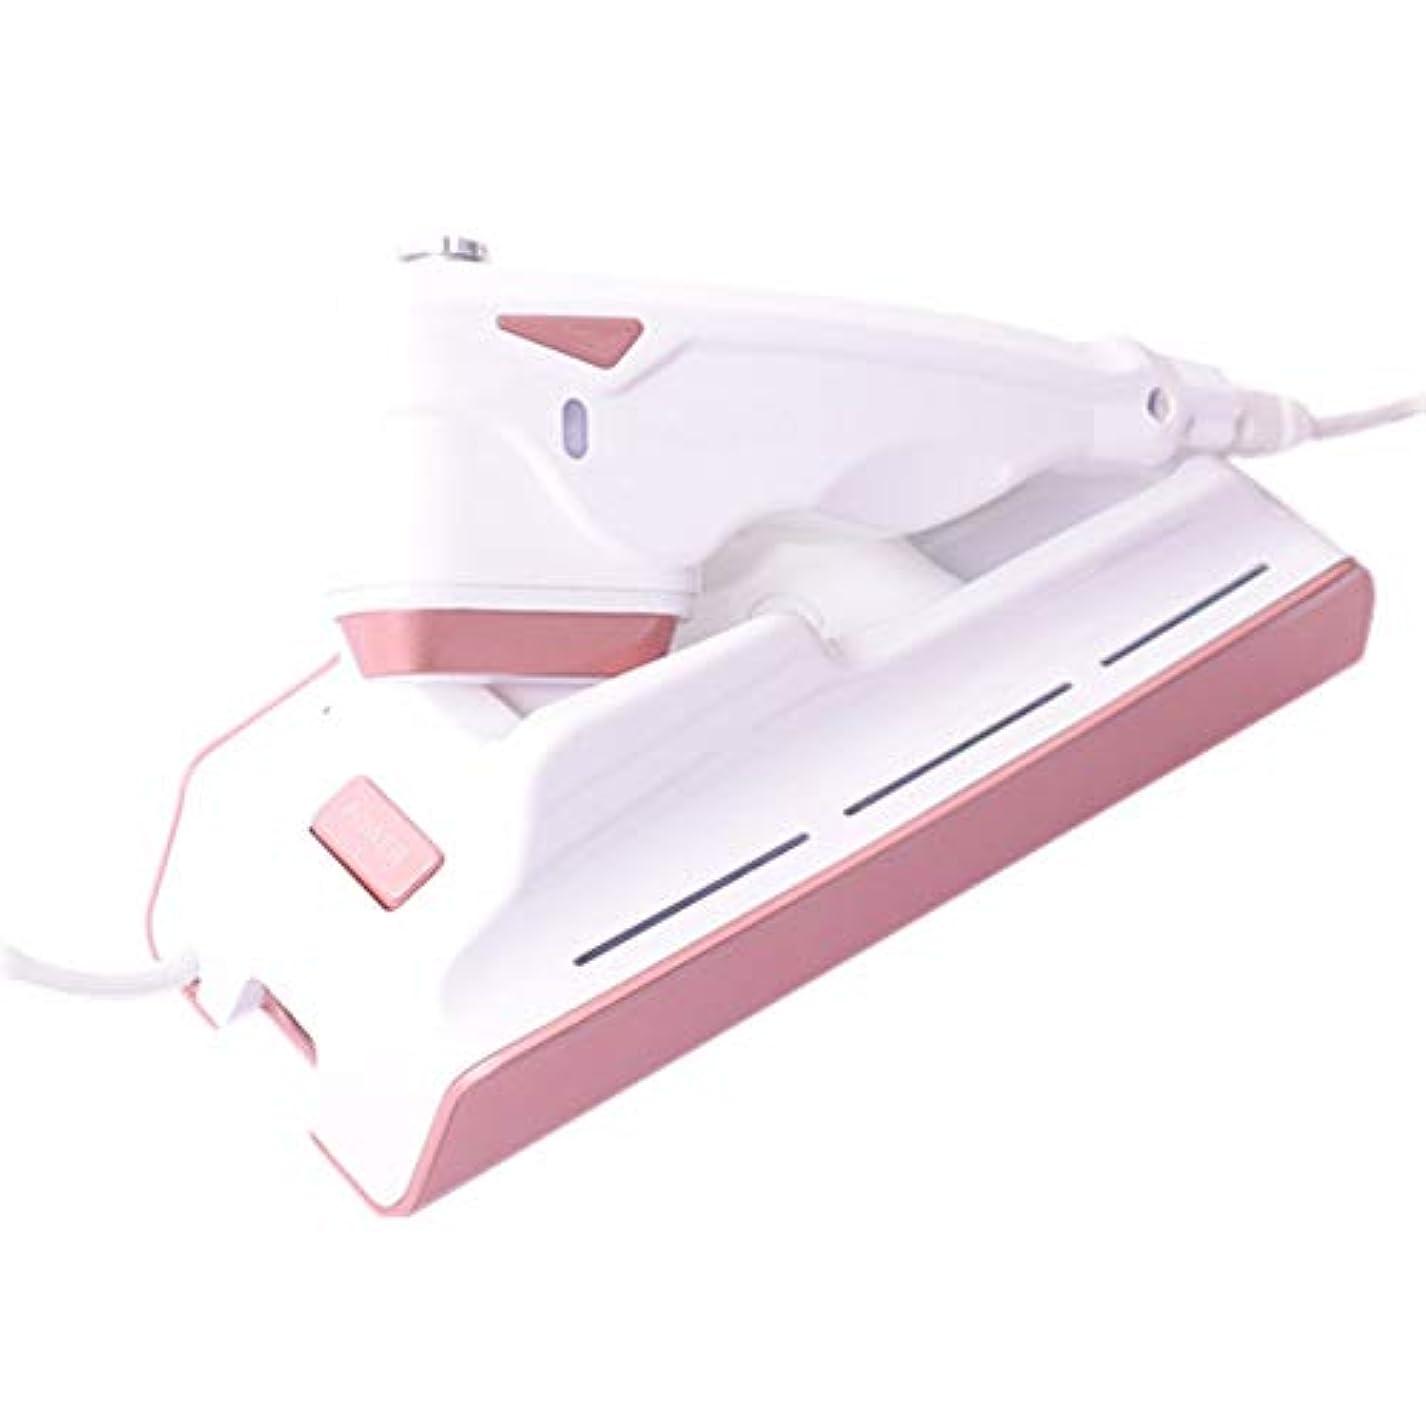 欠点プレゼント砂利家の使用をきつく締める小型携帯用抗老化の皮の上昇